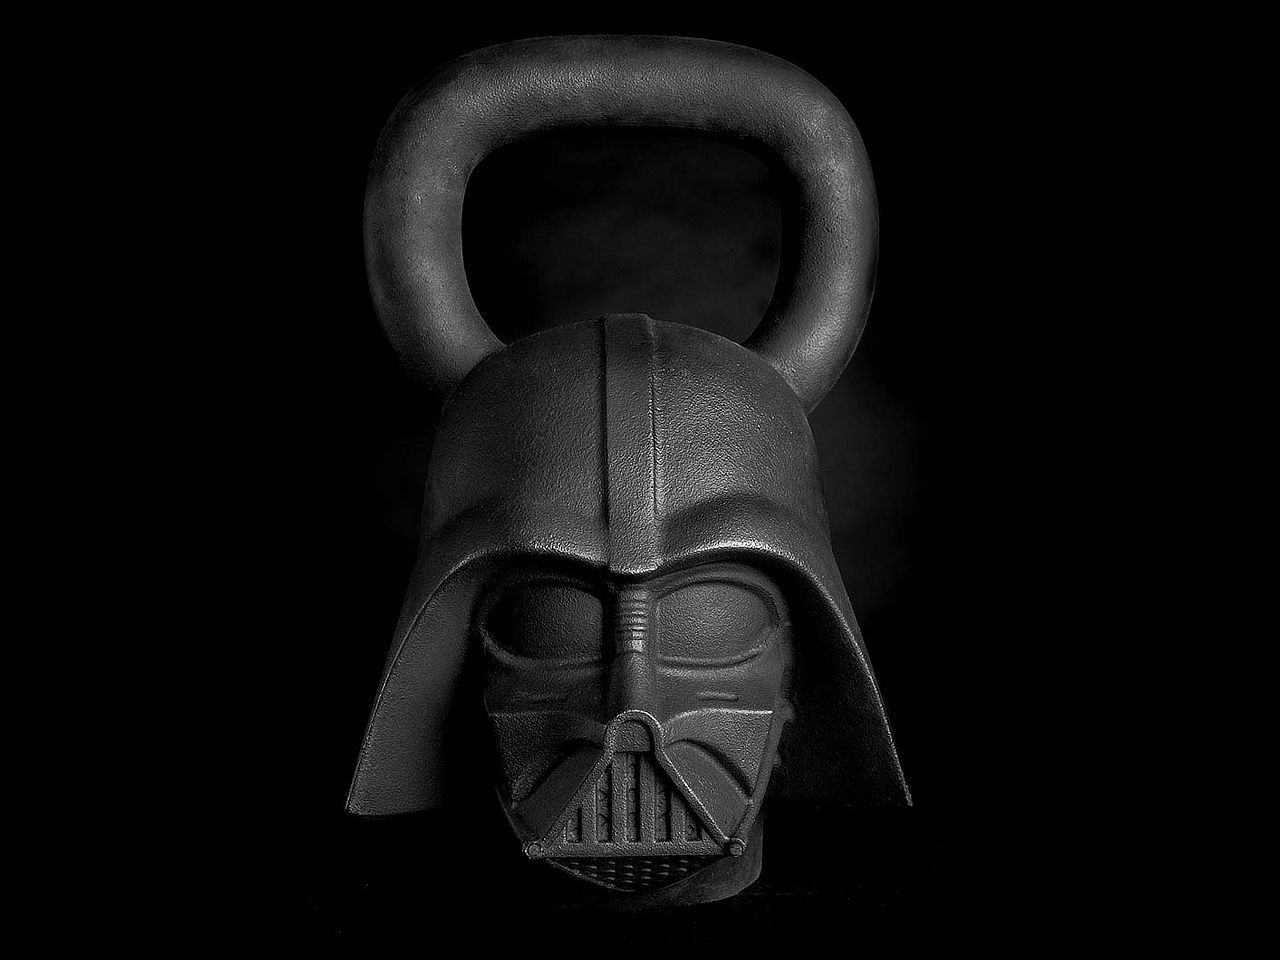 Star Wars Kettlebells - Darth Vader Front